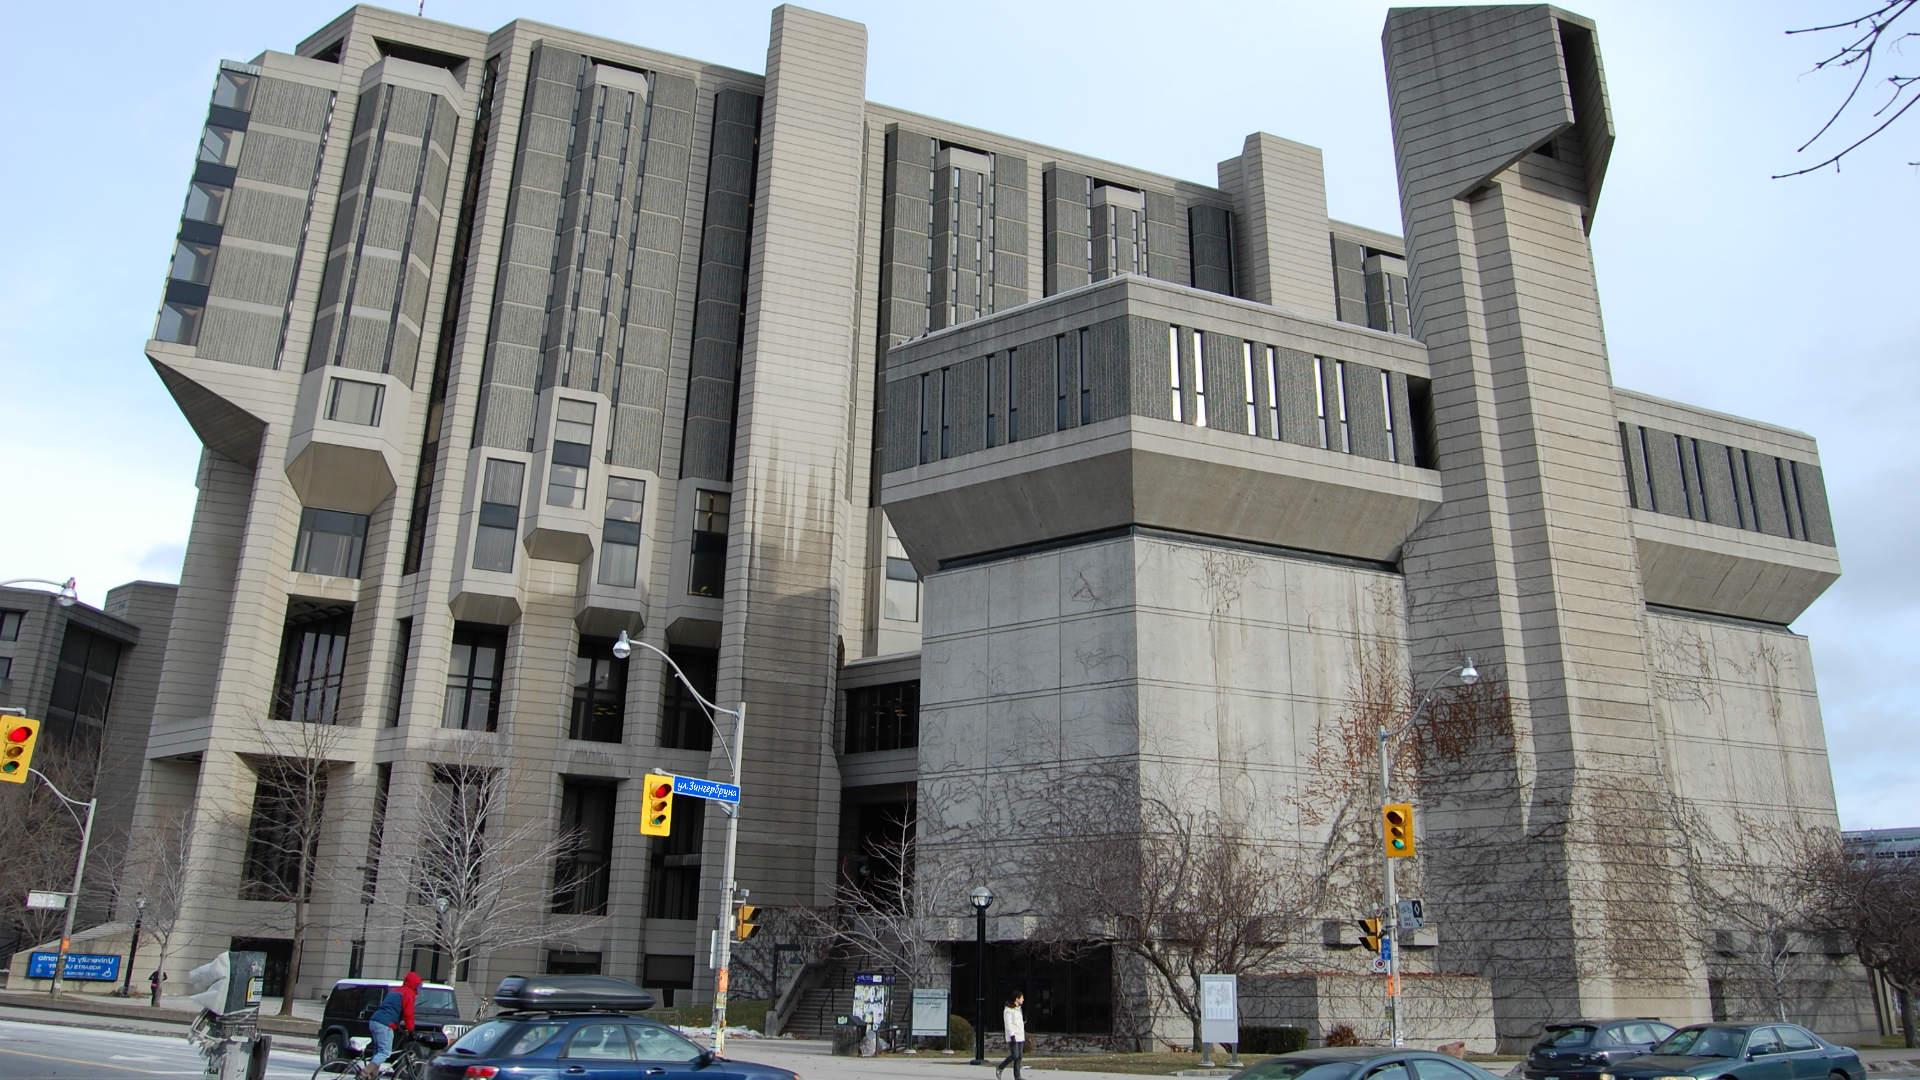 нелепое бетонное здание советской архитектуры. инквизиция в ссср. альтернативная реальность